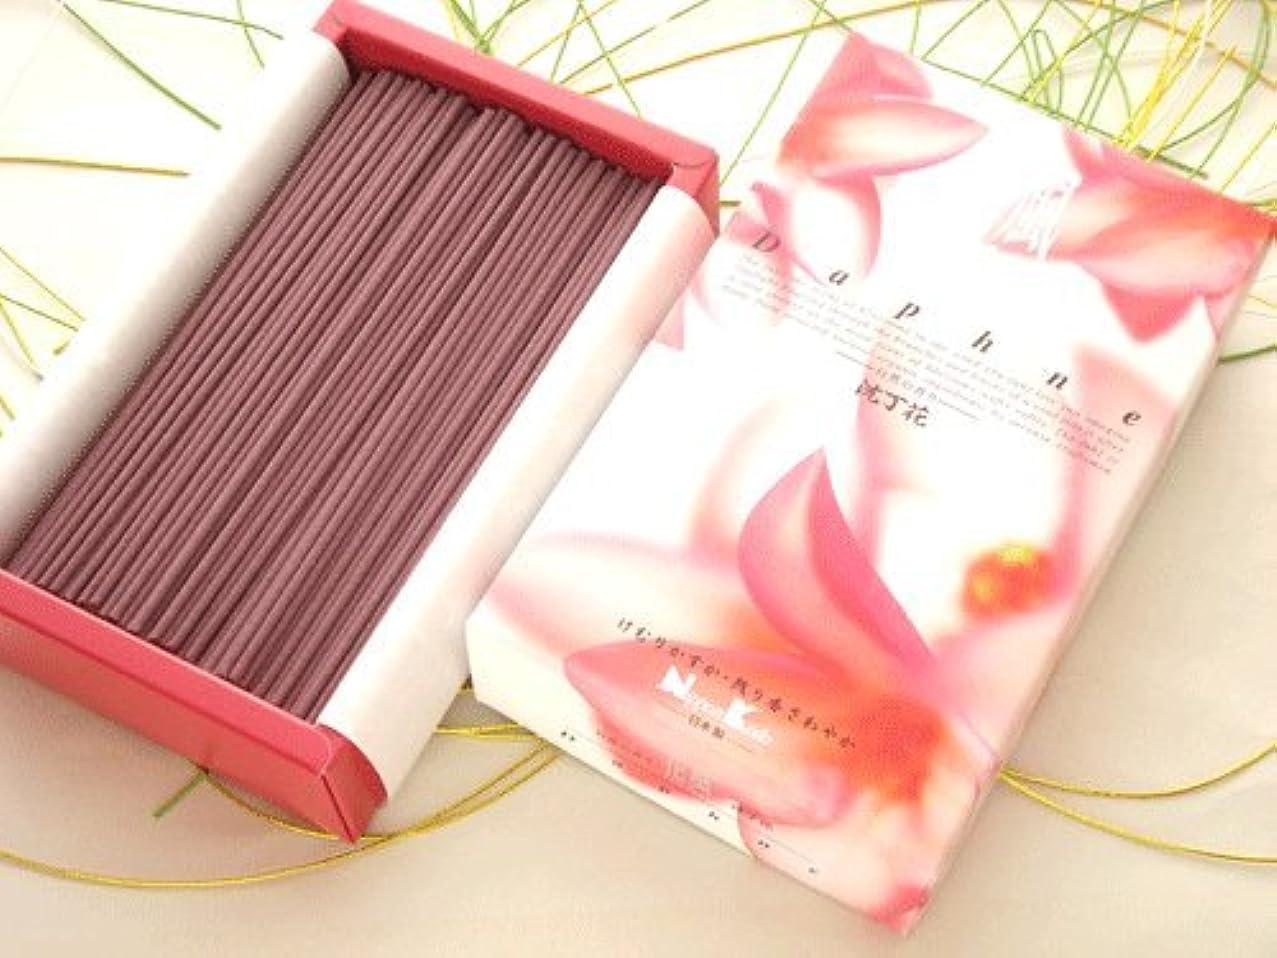 故障冷える動的日本香堂 微煙タイプ【花風(かふう) Daphne 沈丁花】 バラ詰大箱